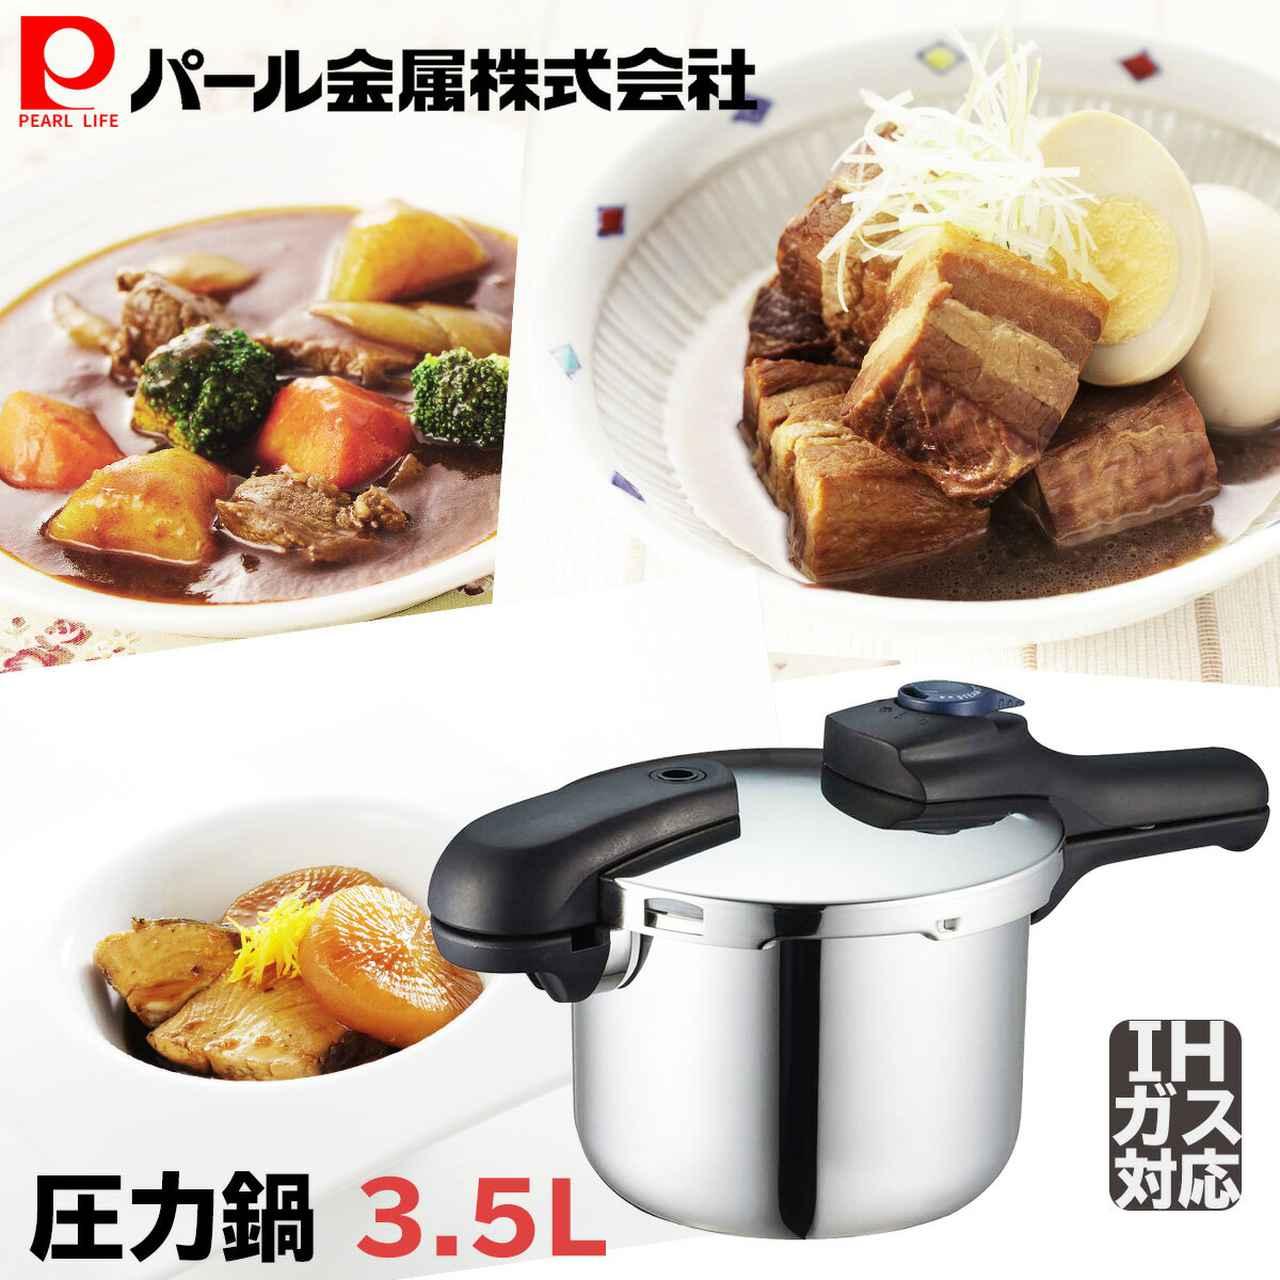 画像3: 【おでんレシピ3選】圧力鍋を使って絶品おでんを作ろう!